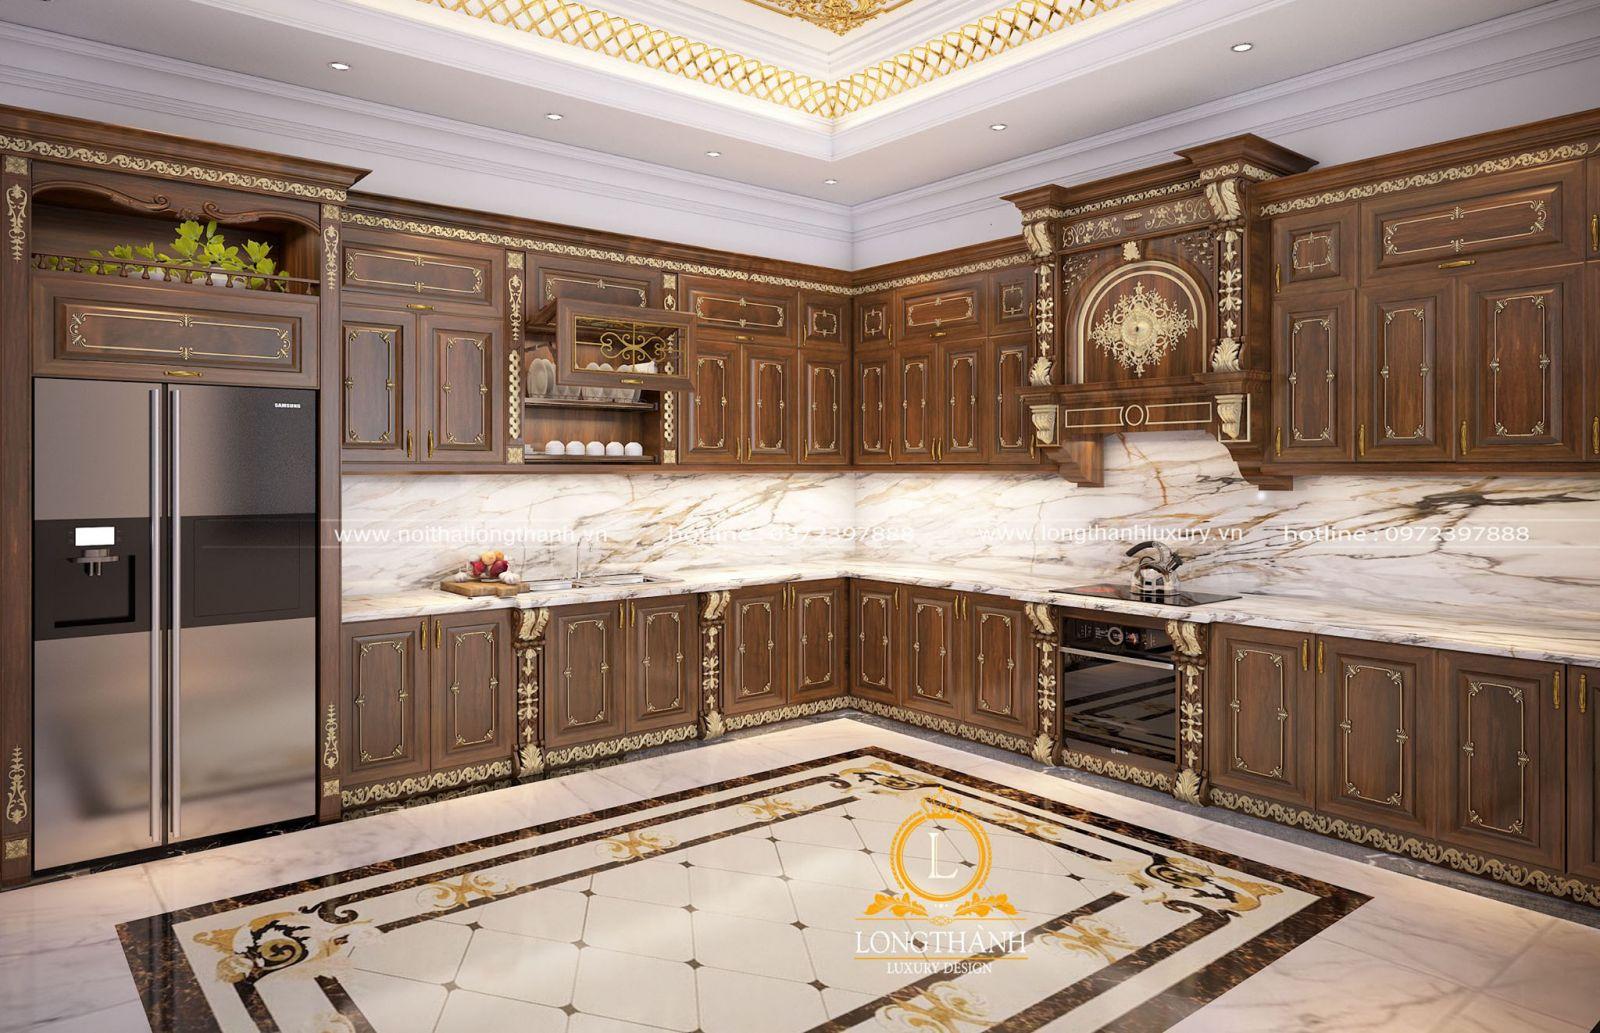 Gỗ tự nhiên cho tủ bếp tân cổ điển thêm bền đẹp